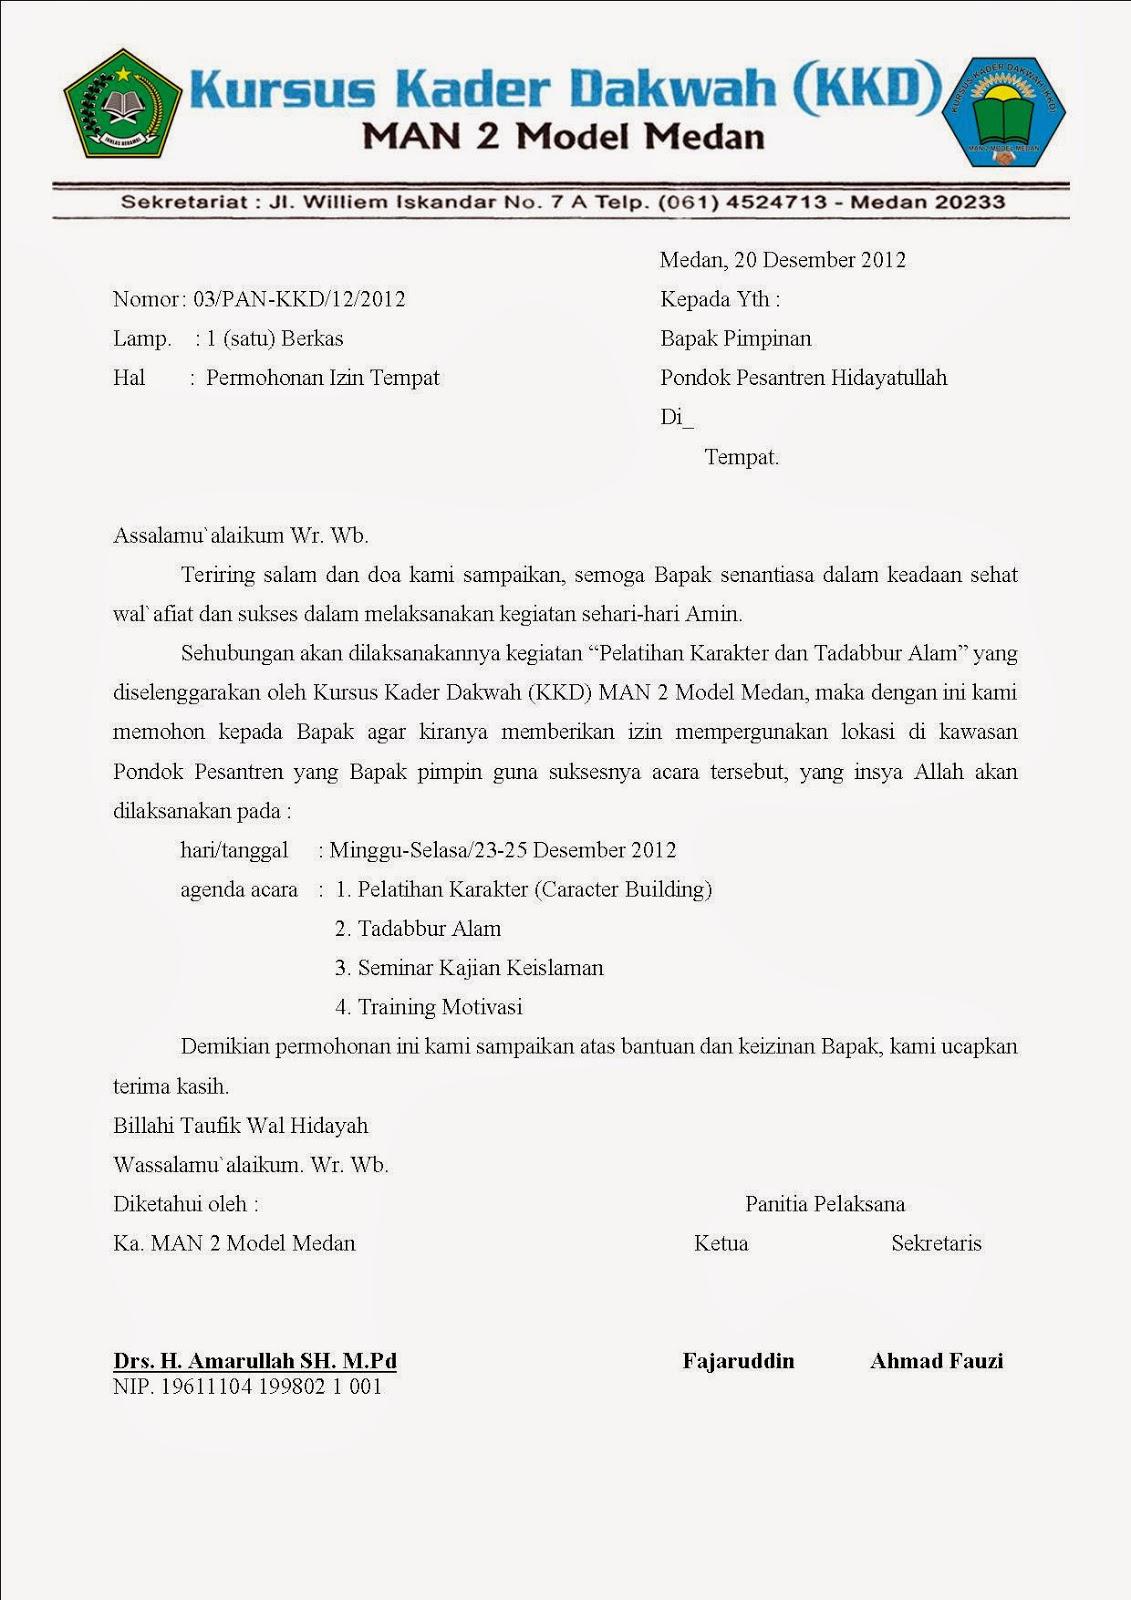 Contoh Surat Permohonan Izin Contoh Surat Yang Baik Dan  Share The